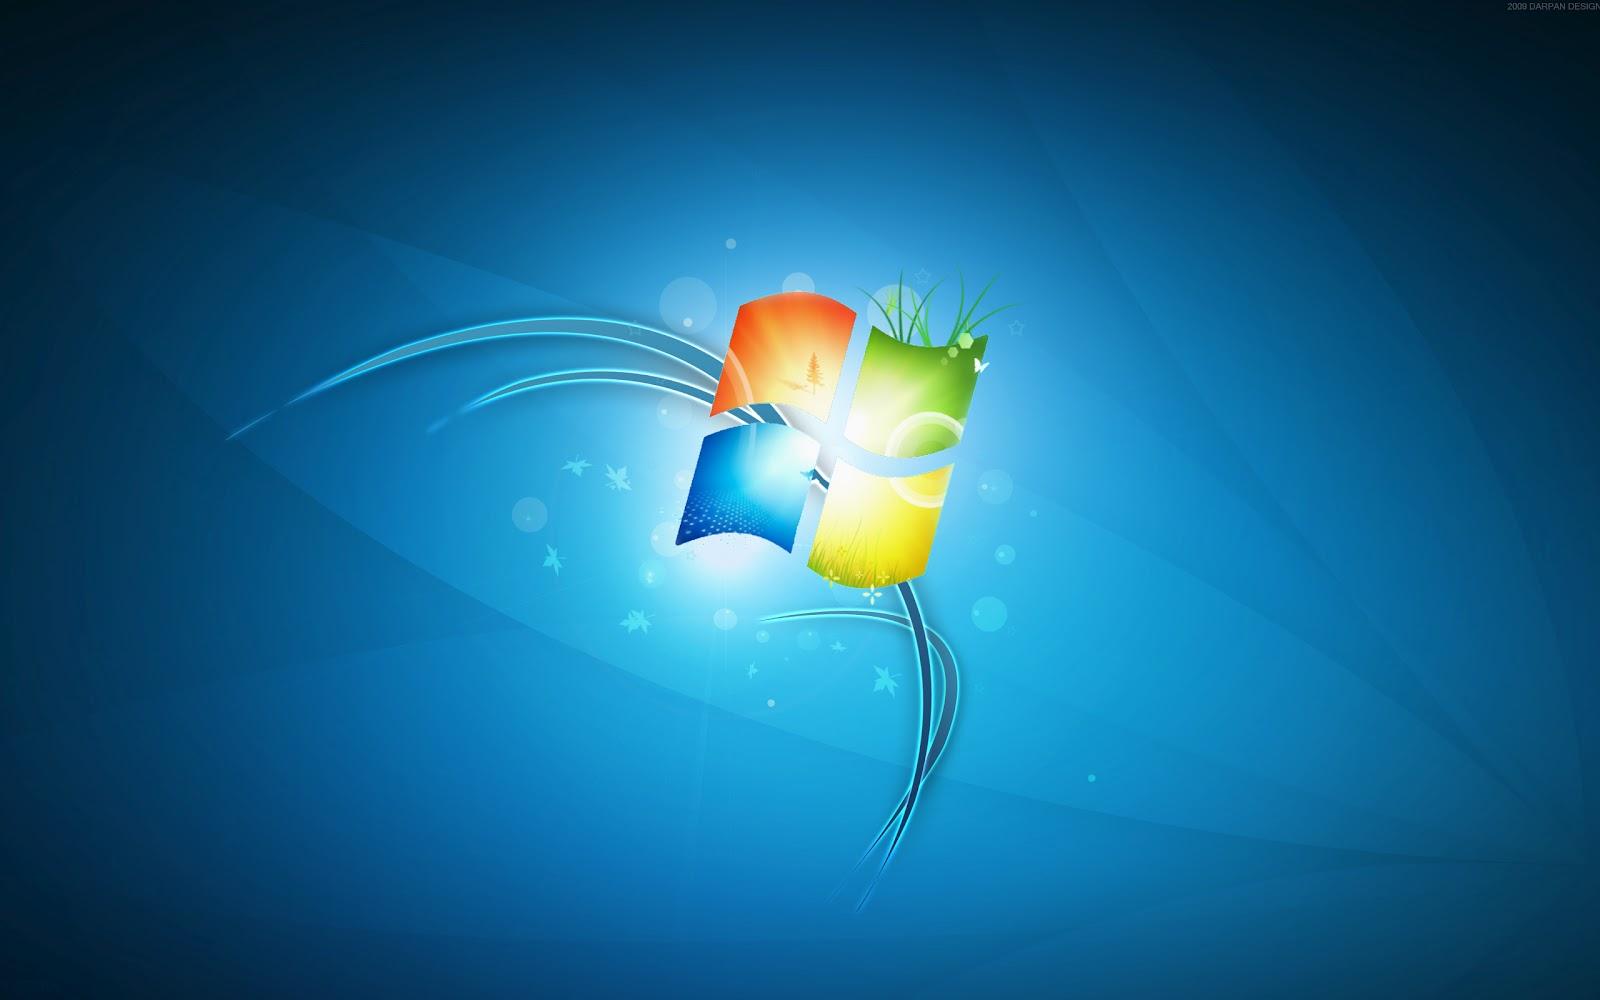 HD Wallpapers window 7 hd wallpaper download 1600x1000